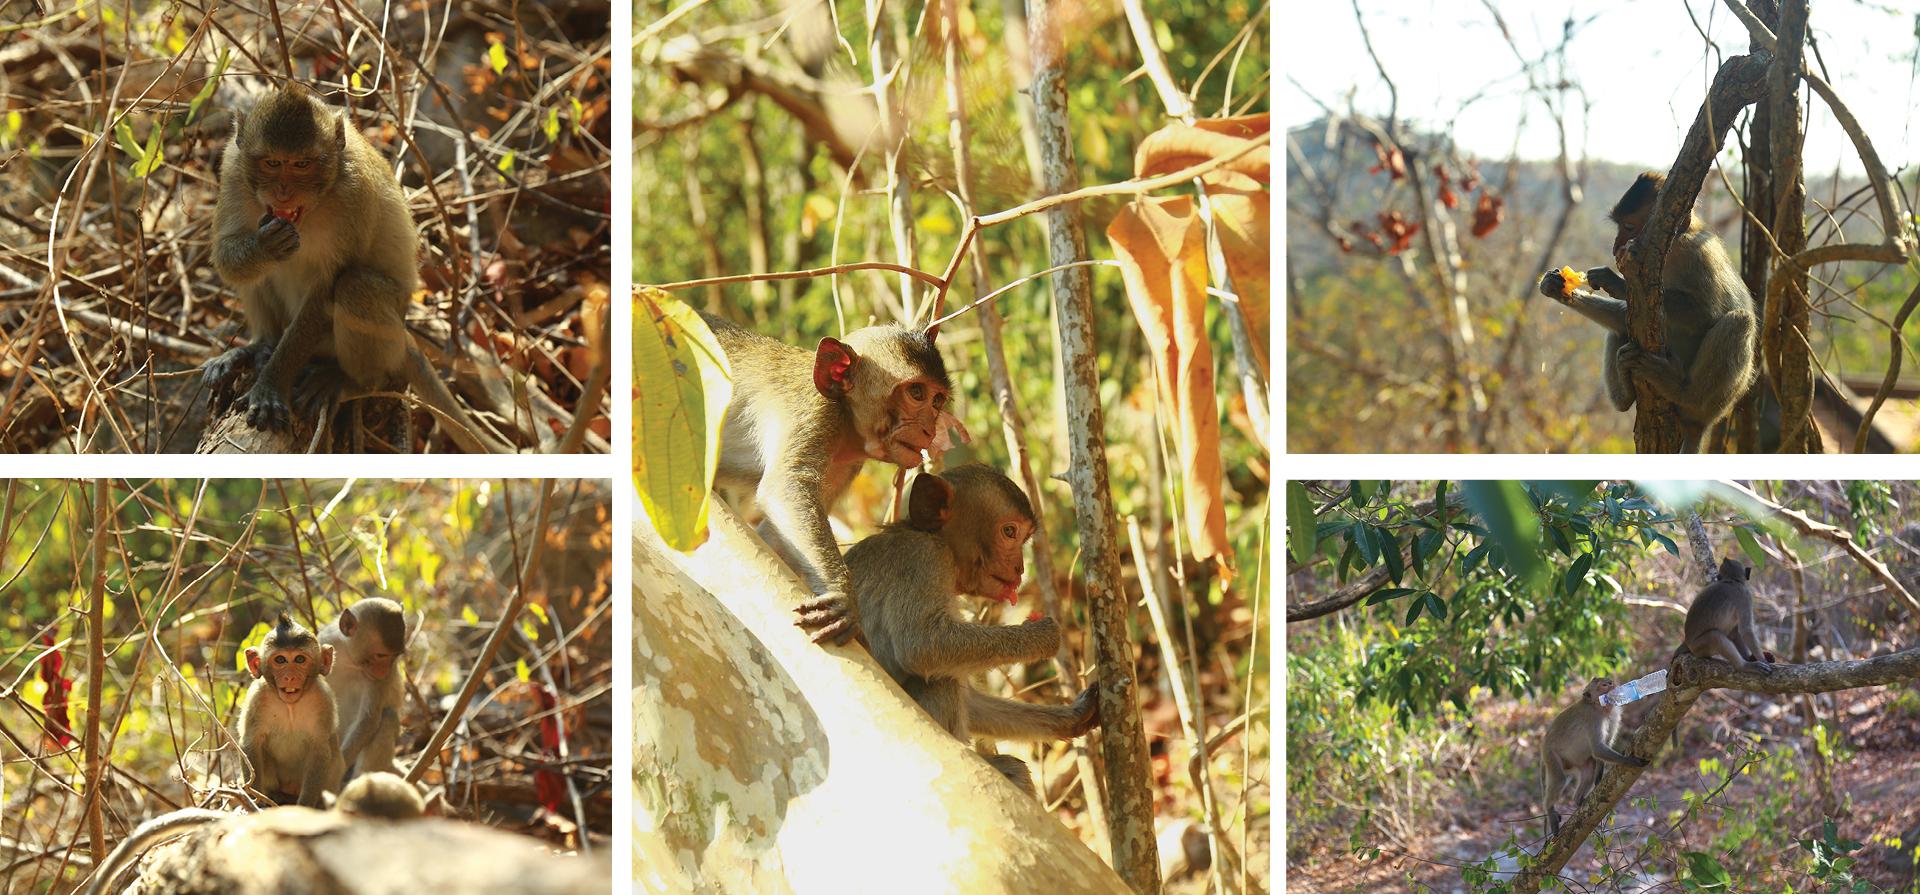 Đàn khỉ sống thân thiện với con người dưới chân núi Kỳ Vân ảnh 16